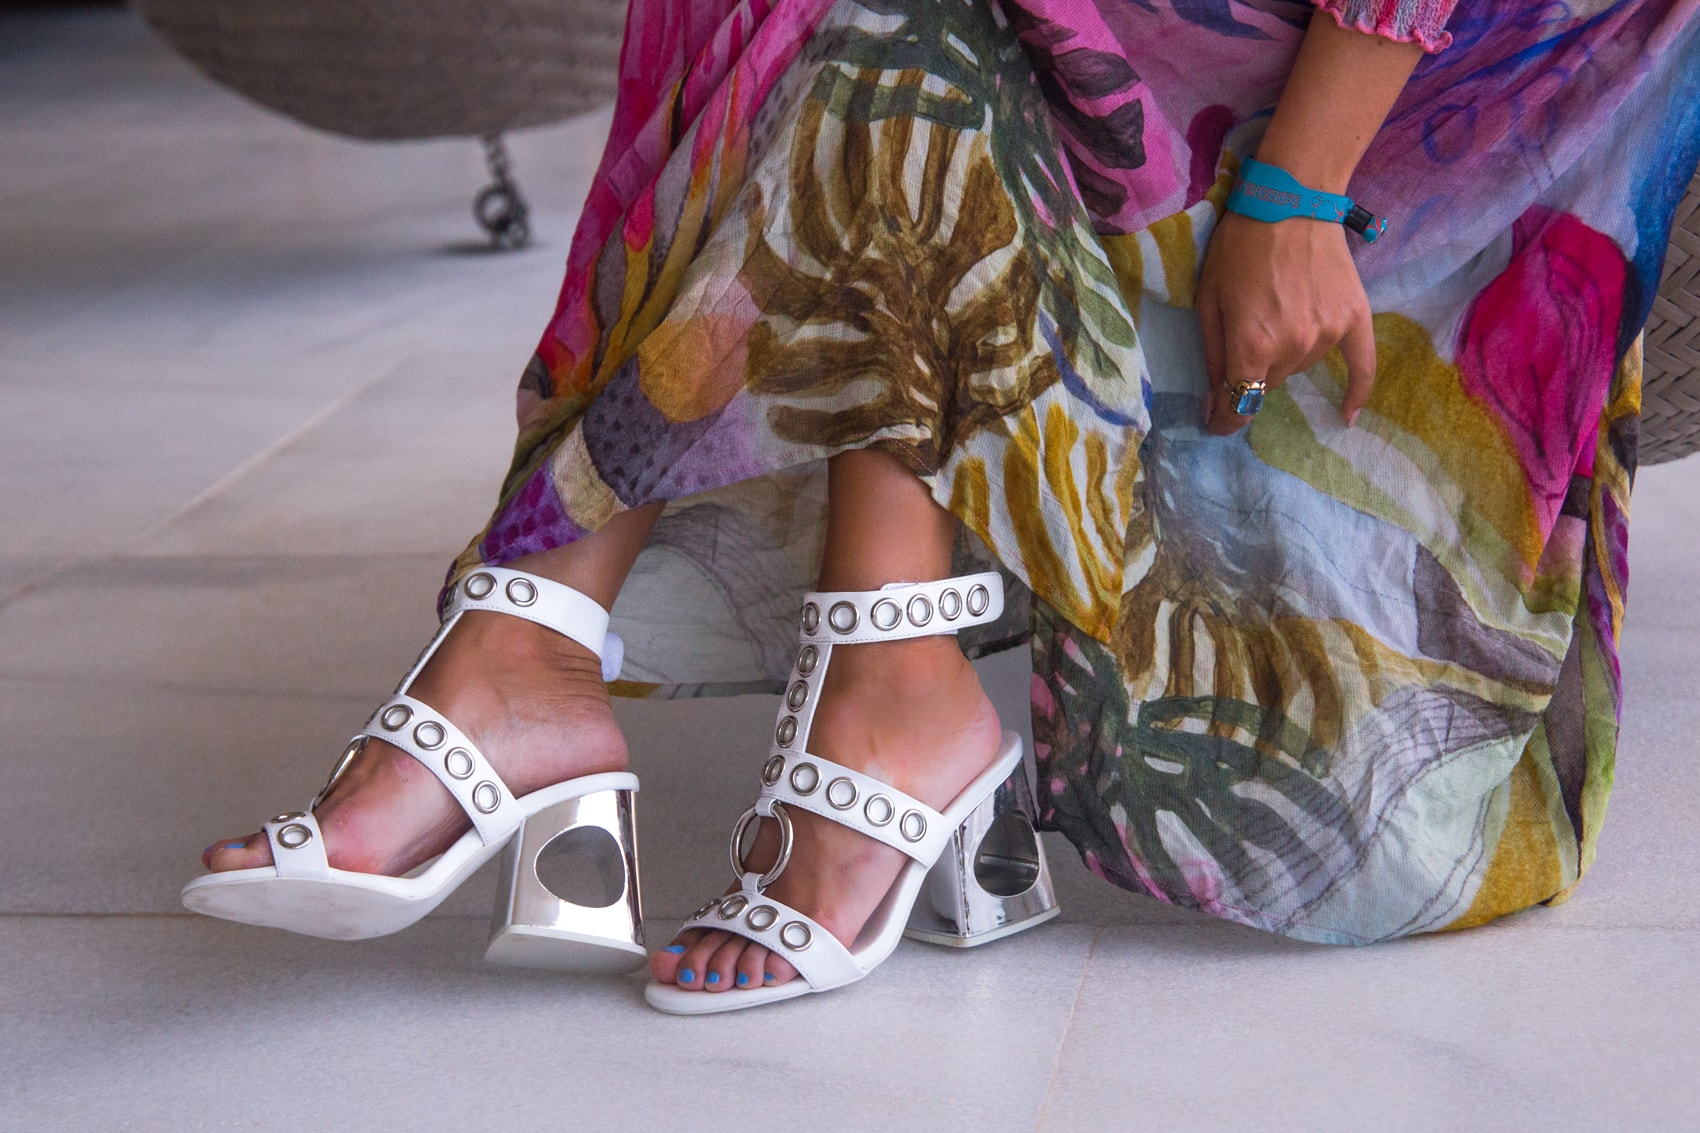 Teneriffa Style - Tunikakleid & weiße High-Heels von Jeffrey Campbell